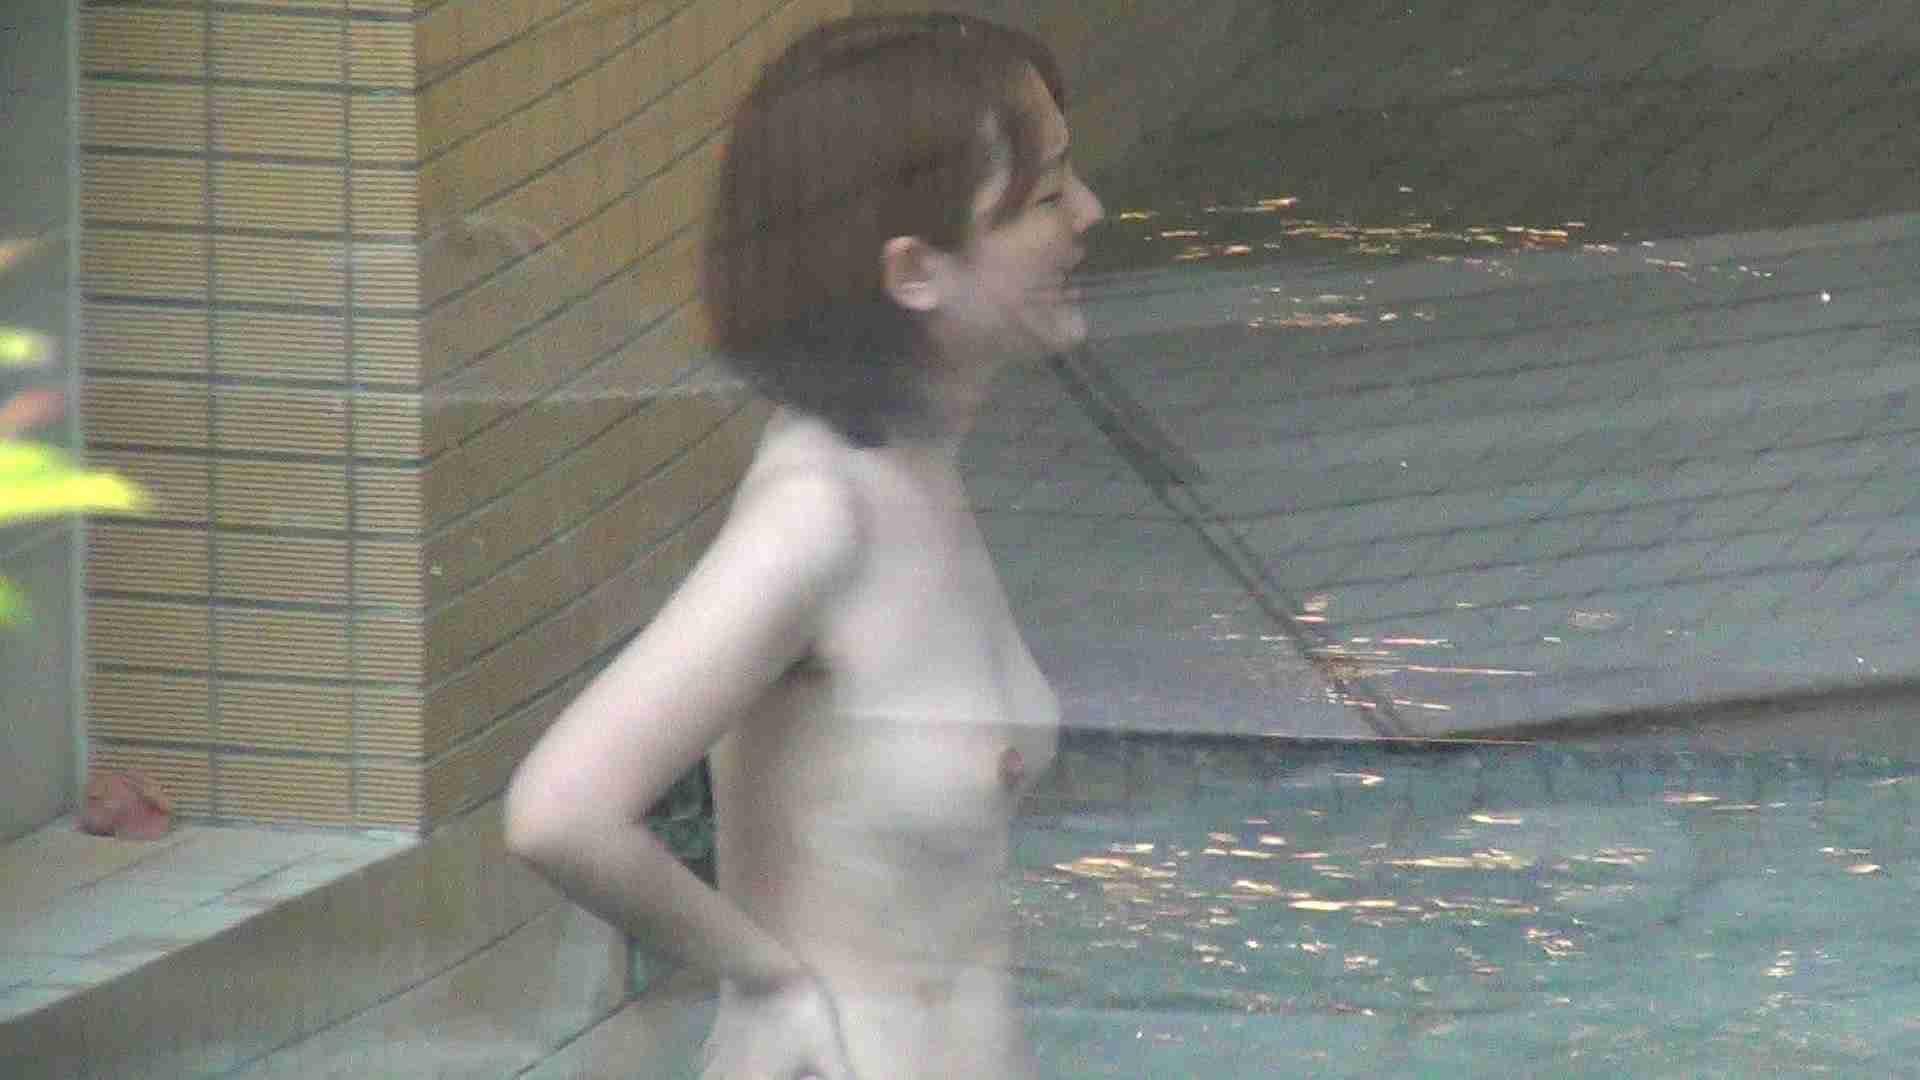 Aquaな露天風呂Vol.297 OLエロ画像  99PICs 66